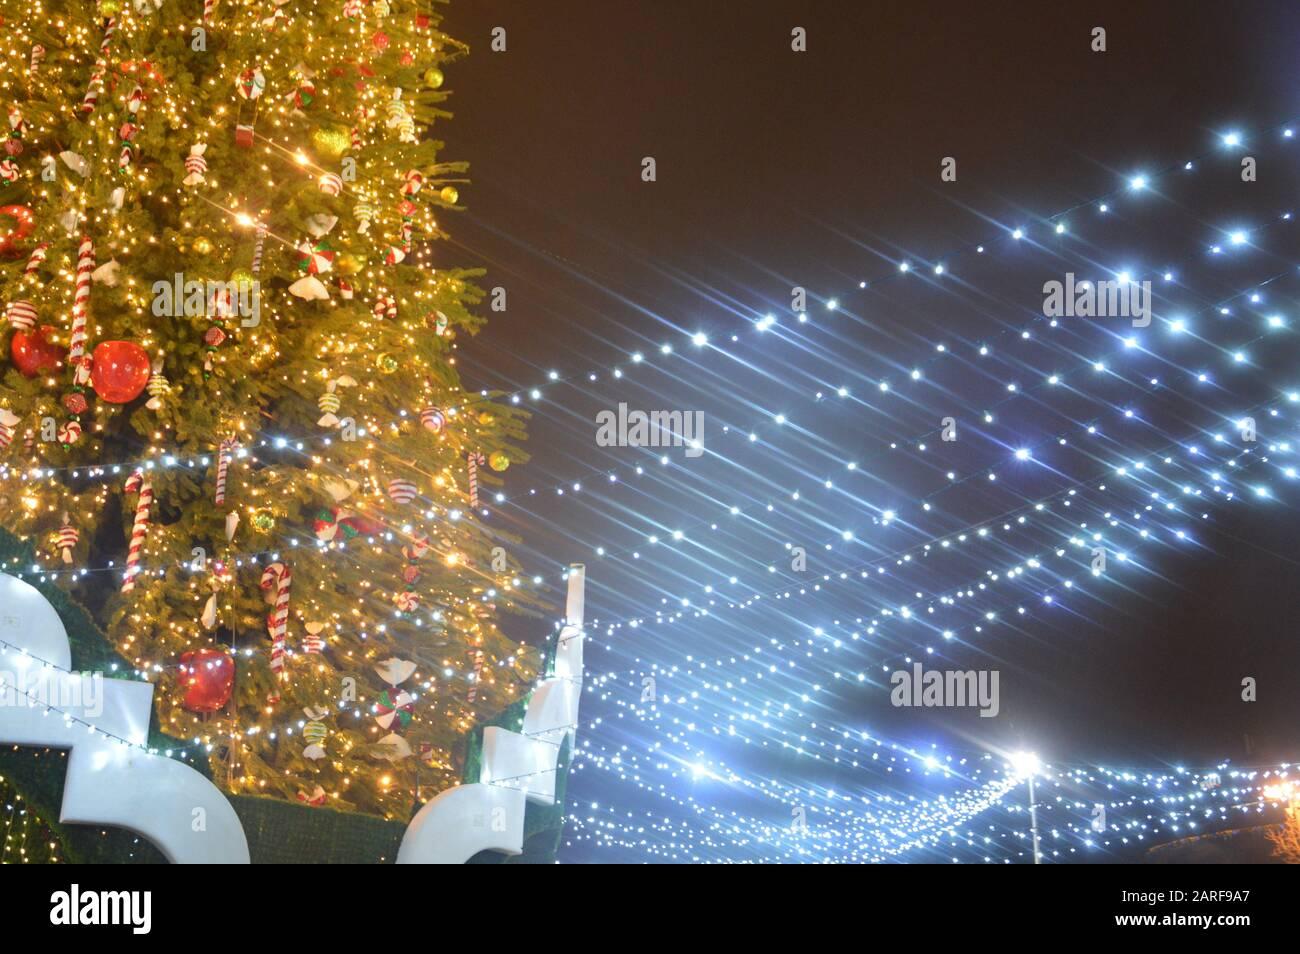 https://c8.alamy.com/compfr/2arf9a7/le-soir-et-la-nuit-l-arbre-de-noel-brille-avec-des-lumieres-dans-la-ville-en-hiver-floute-2arf9a7.jpg